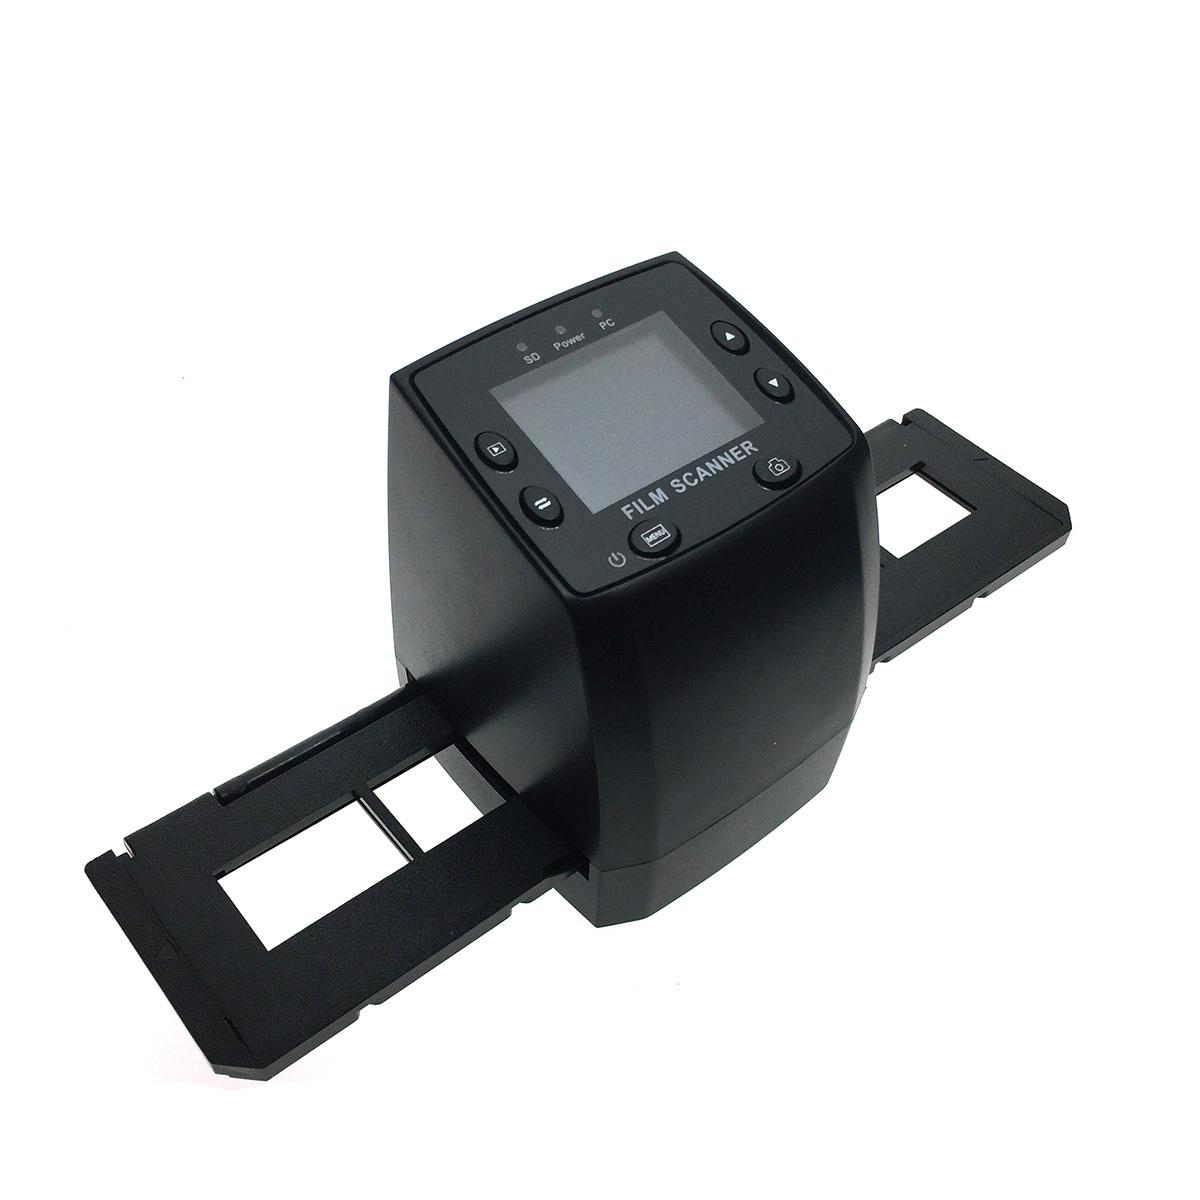 Слайд сканер Espada EC717